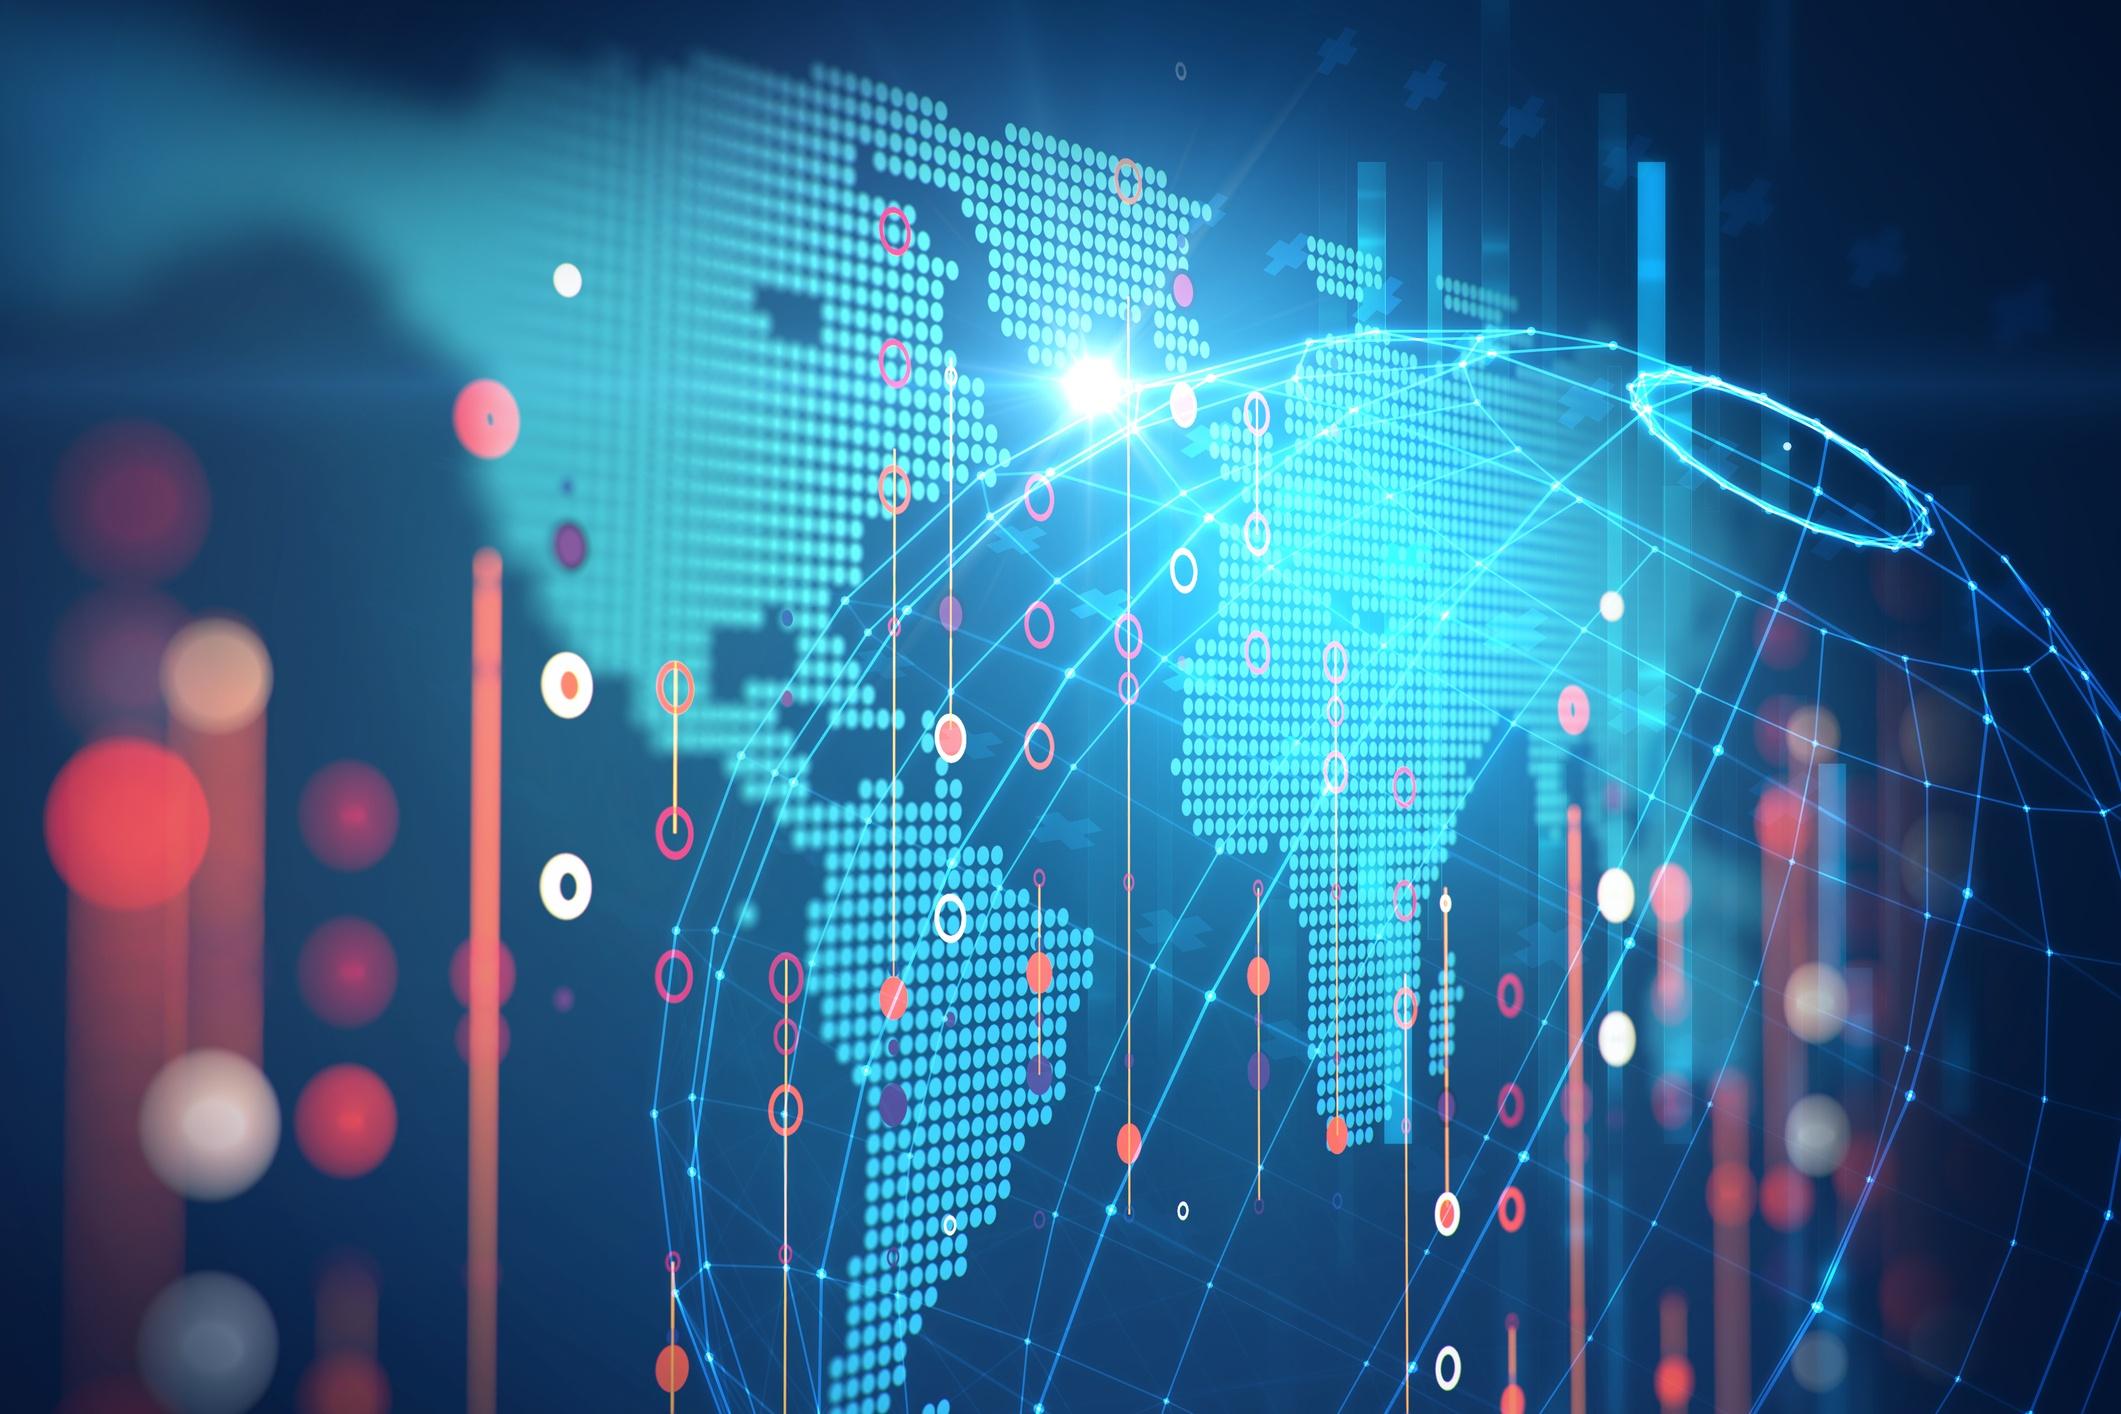 Cómo actualizar el modelo de seguridad de tus datos a los nuevos tiempos